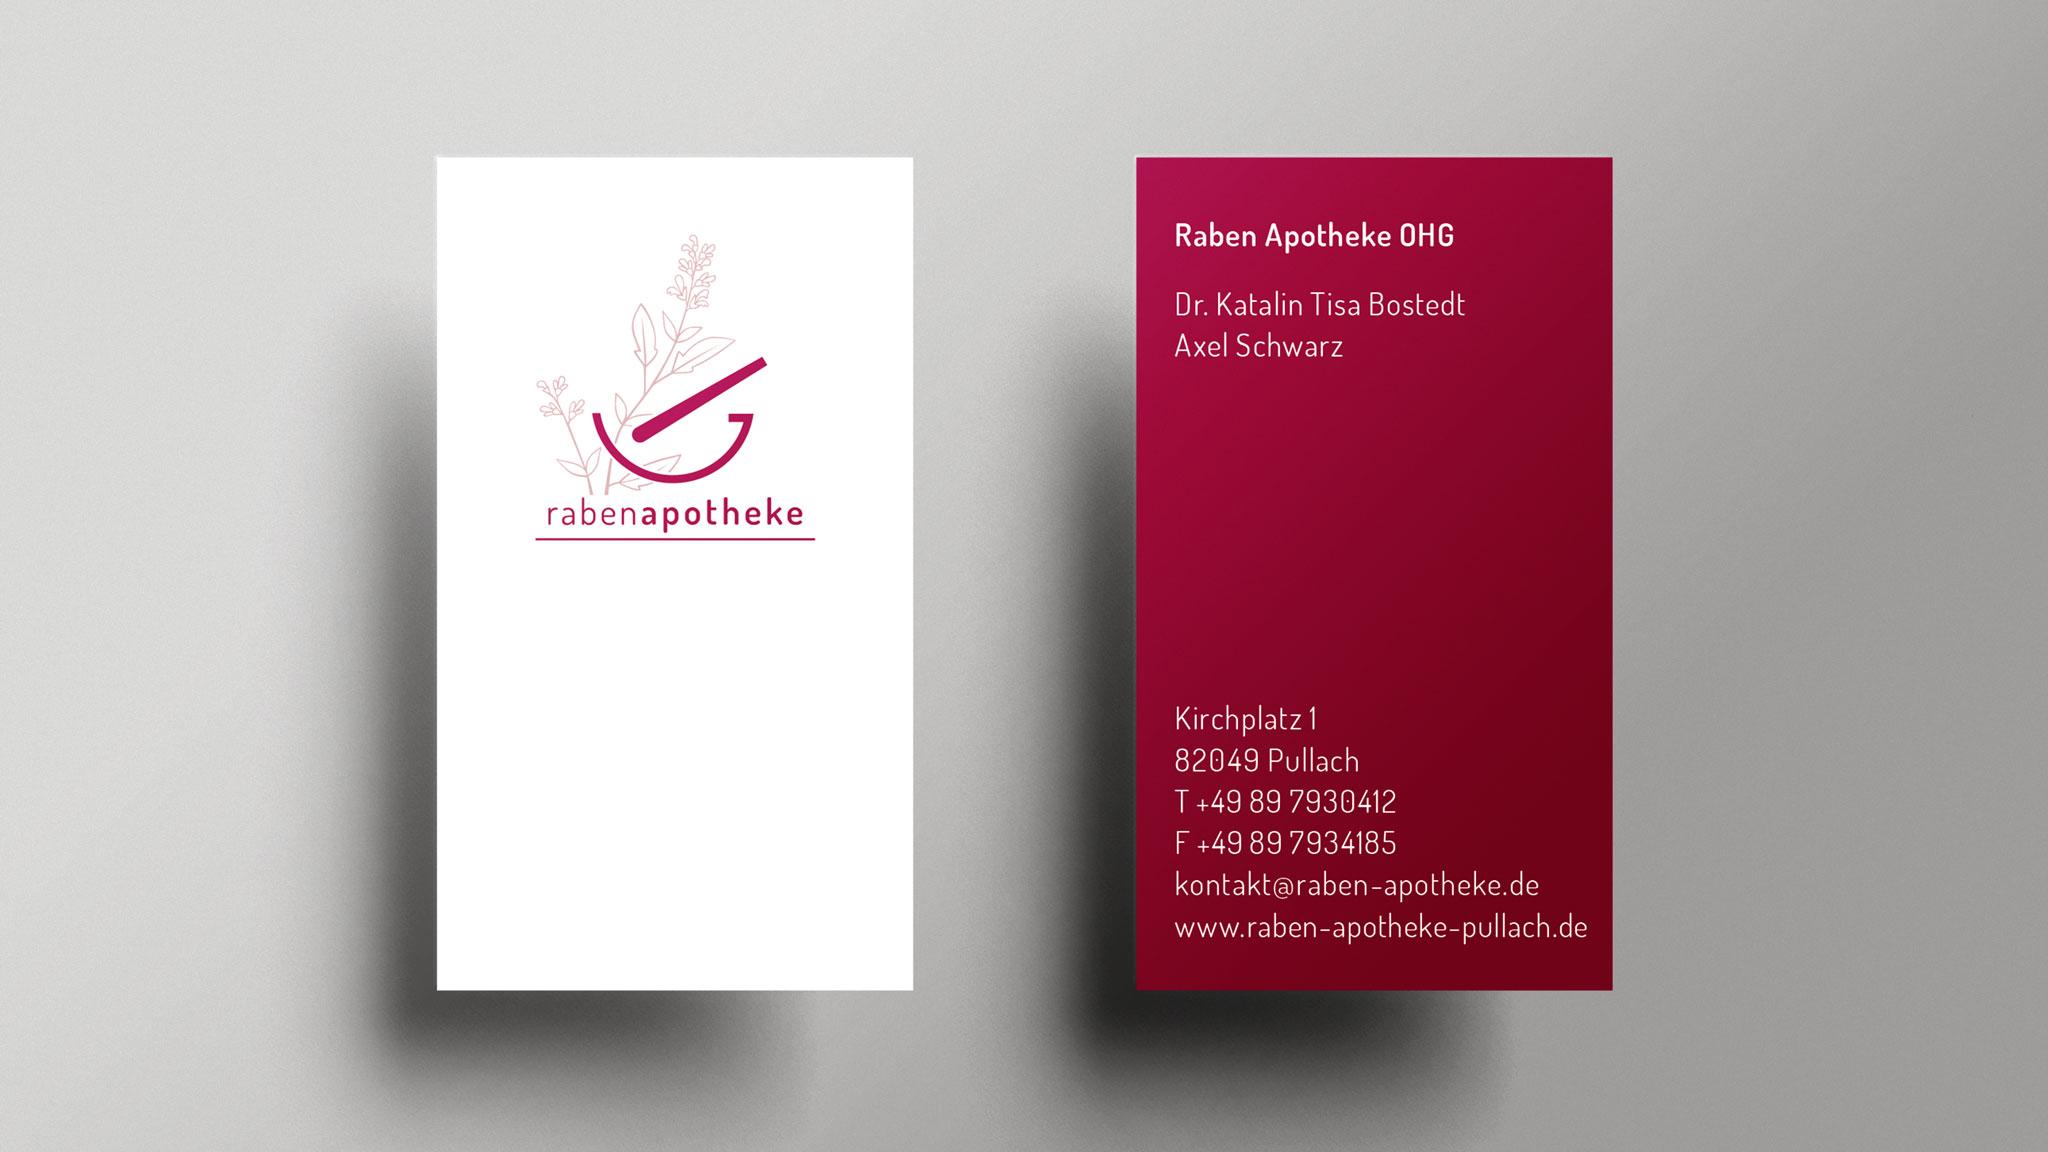 RabenApotheke-06